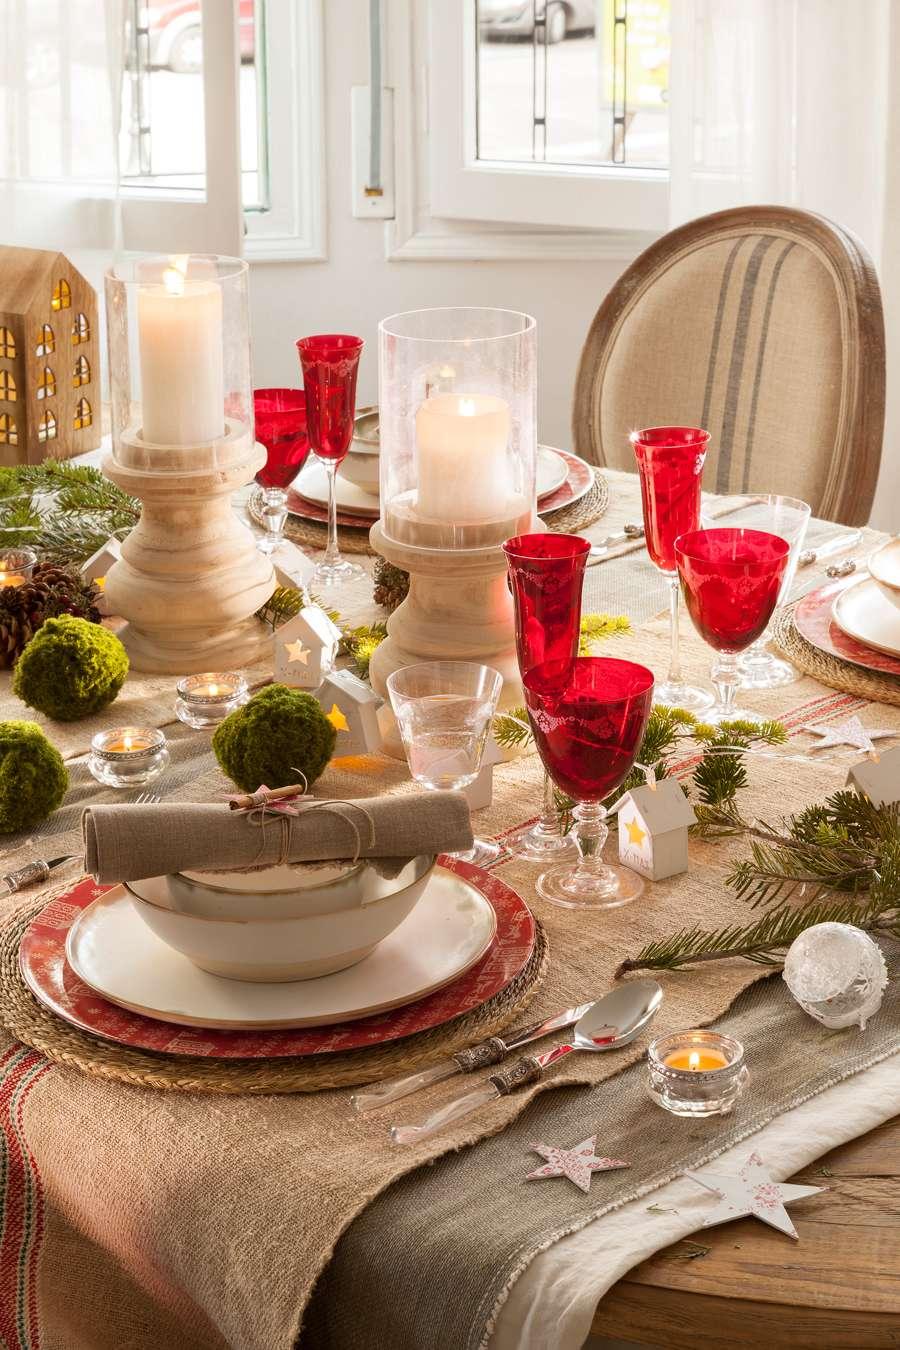 decoración de Navidad - vajilla